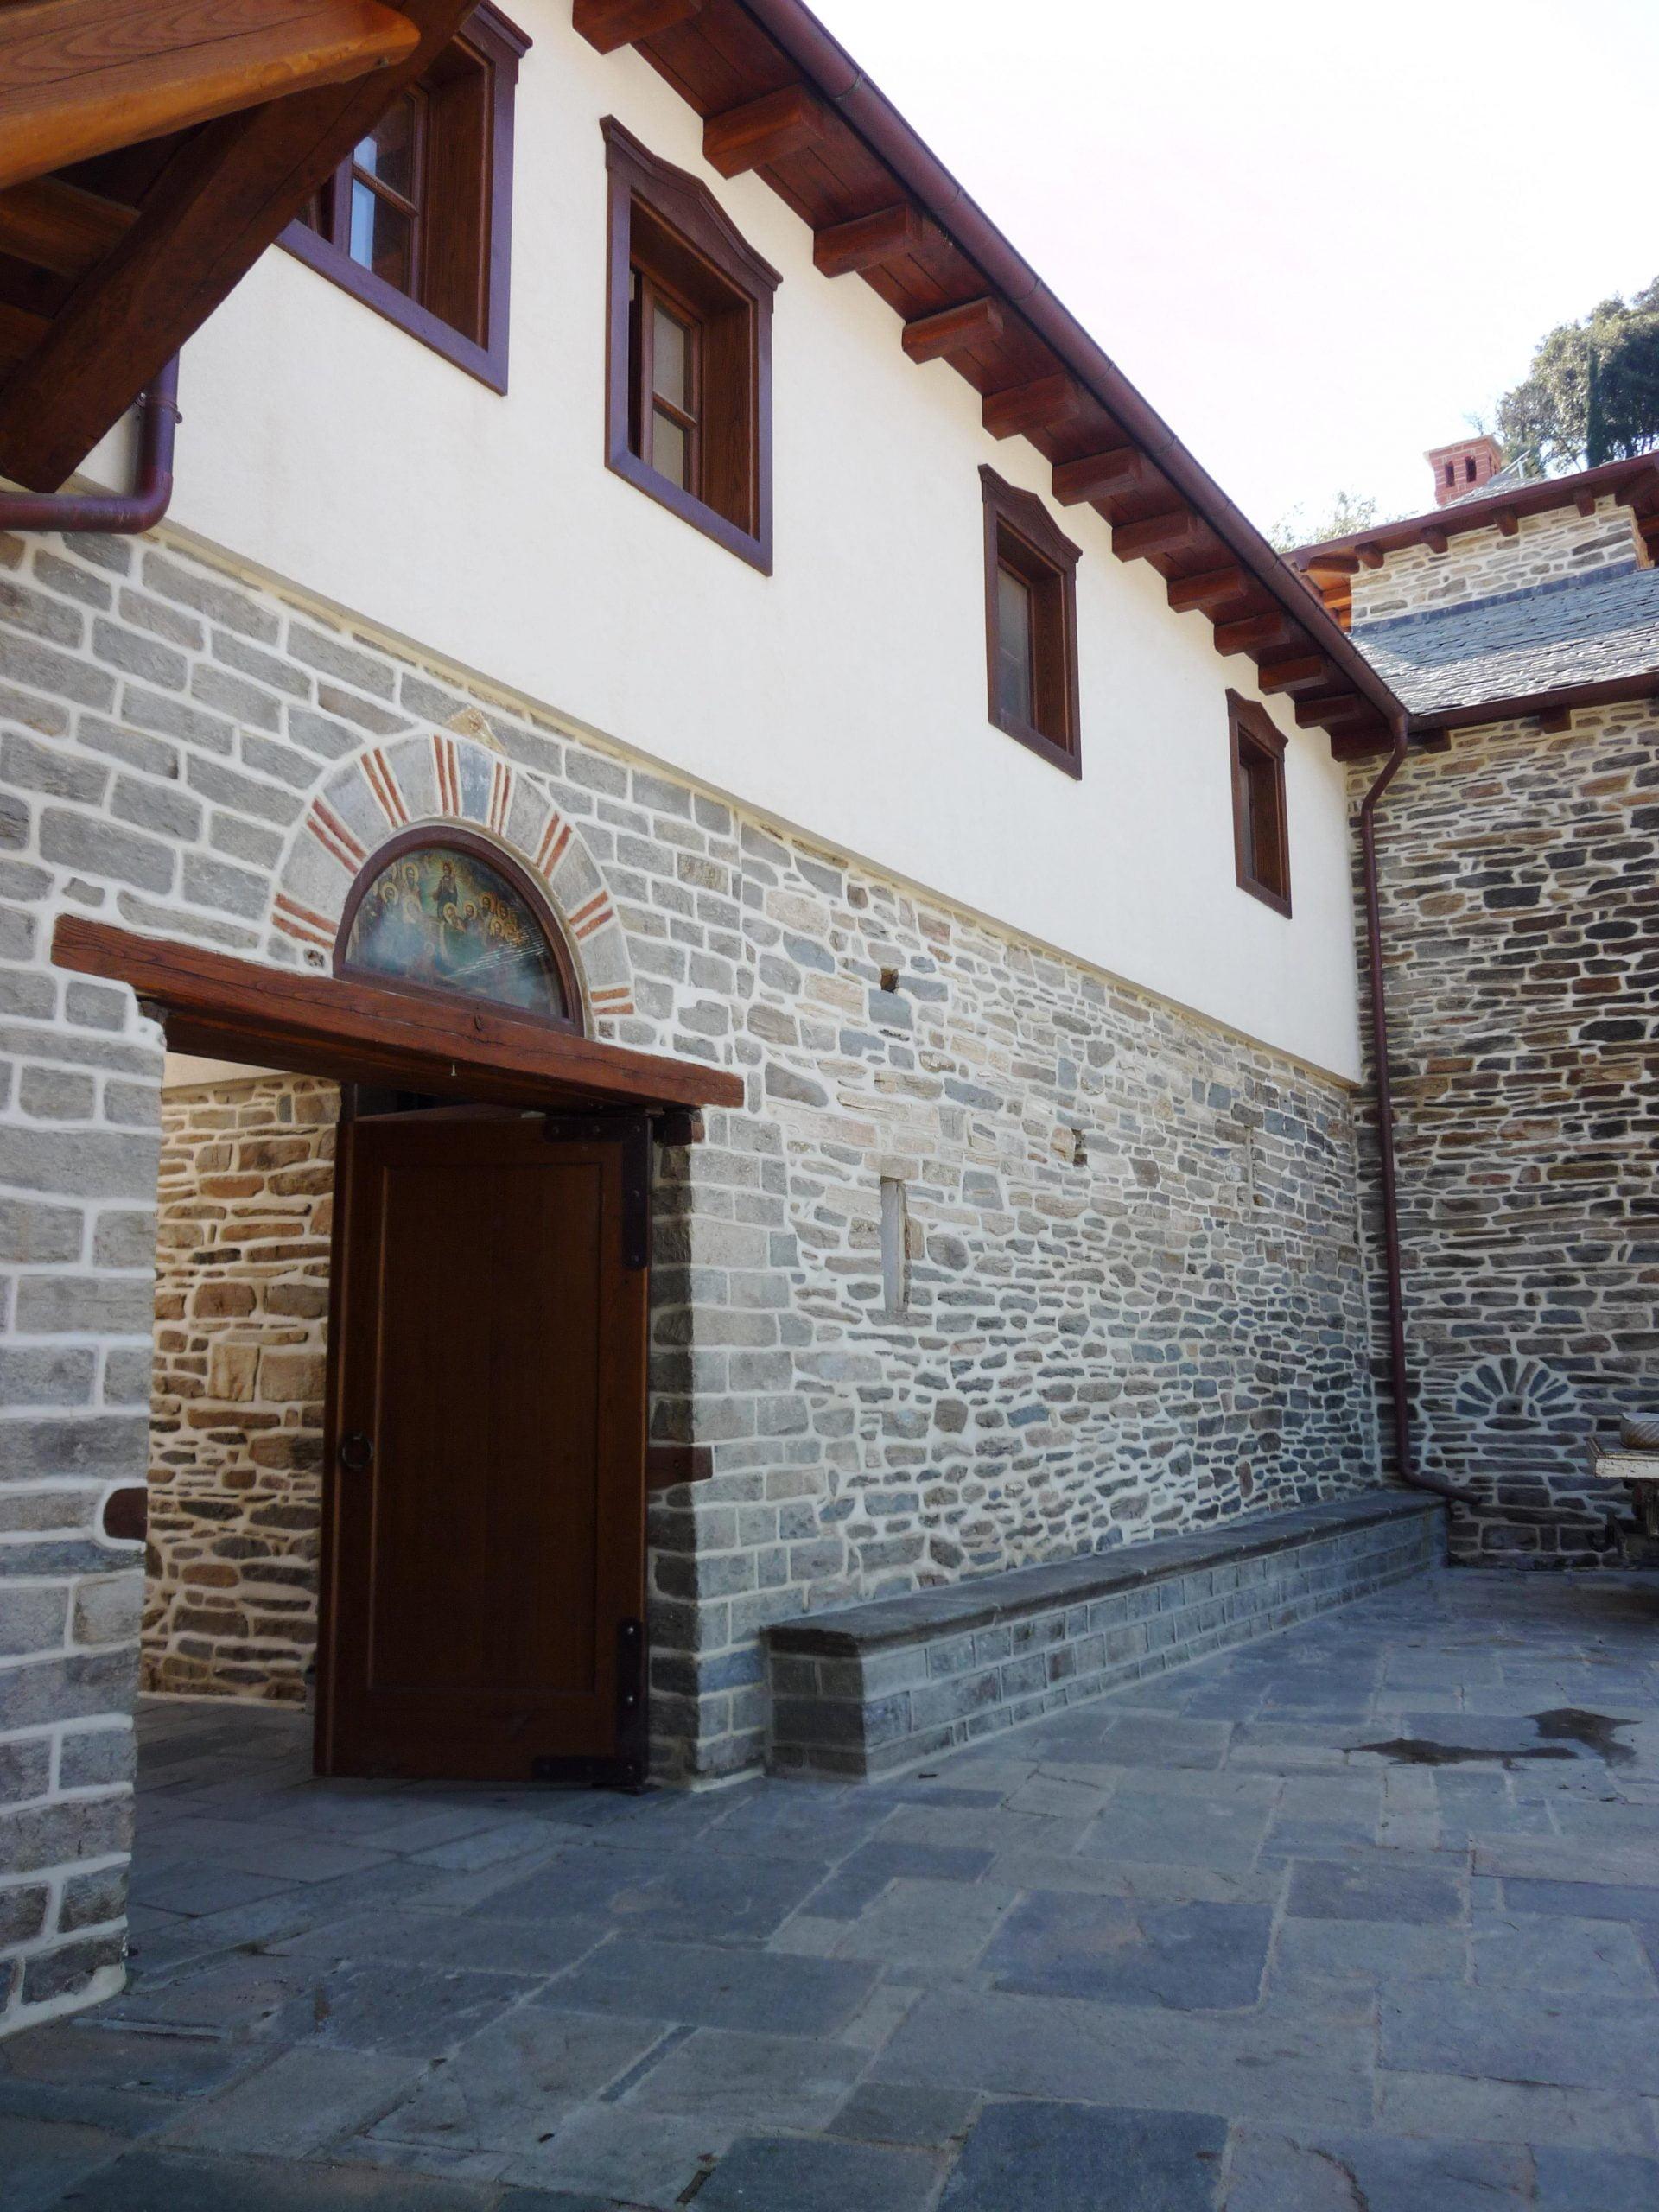 Ξύλινη αυλόπορτα και ξύλινα παράθυρα με αετώματα